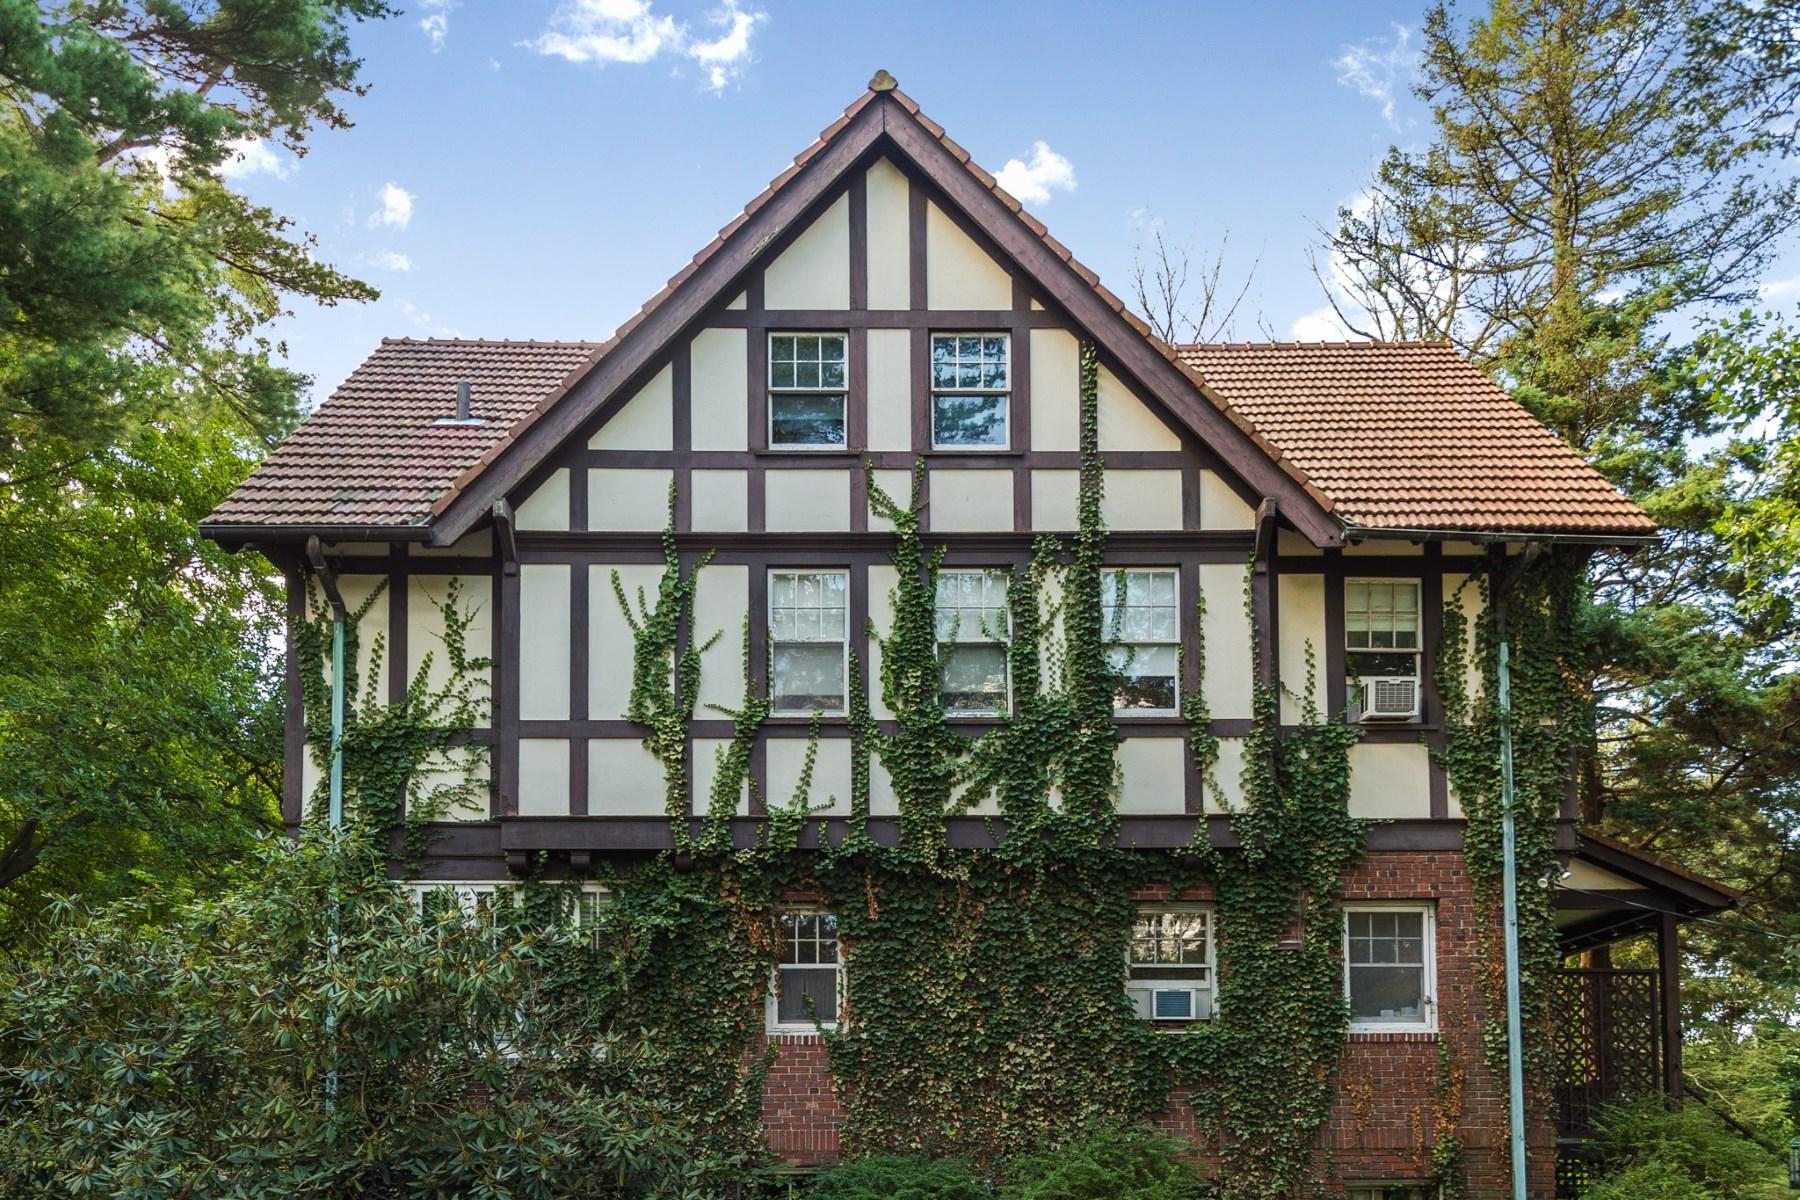 Tek Ailelik Ev için Satış at 30 Brookridge Drive Mid-Country, Greenwich, Connecticut, 06830 Amerika Birleşik Devletleri